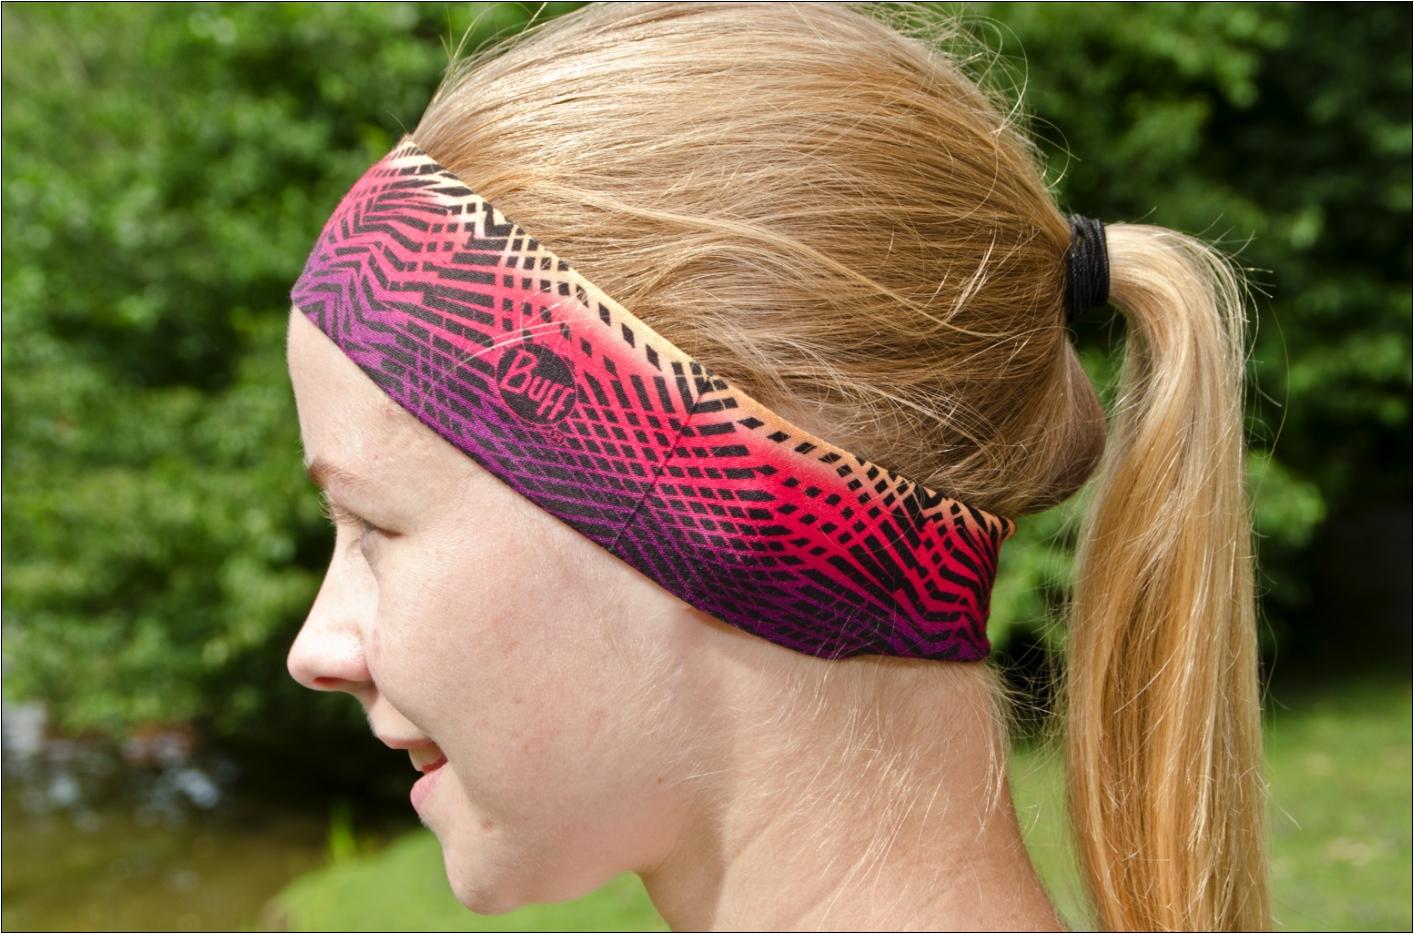 1651071451705e Testbericht: Sina über das UV Slim-Stirnband und bunte Haarbänder von  BUFF...[Werbung] - Laufblog für Hobbyläufer, die das Laufen lieben.